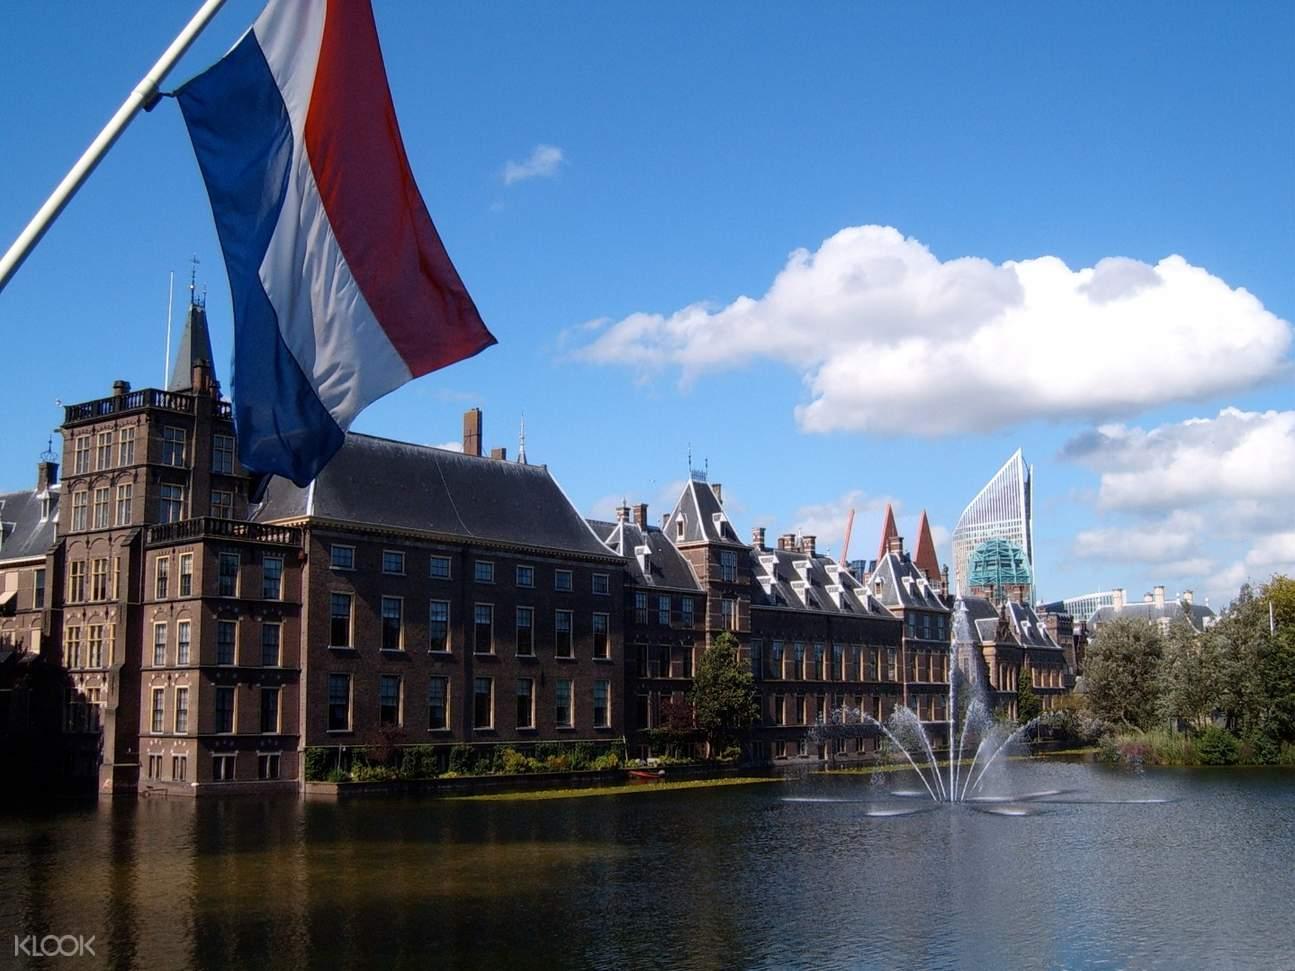 鹿特丹一日游,海牙一日游,代尔夫特一日游,阿姆斯特丹周边一日游,荷兰一日游